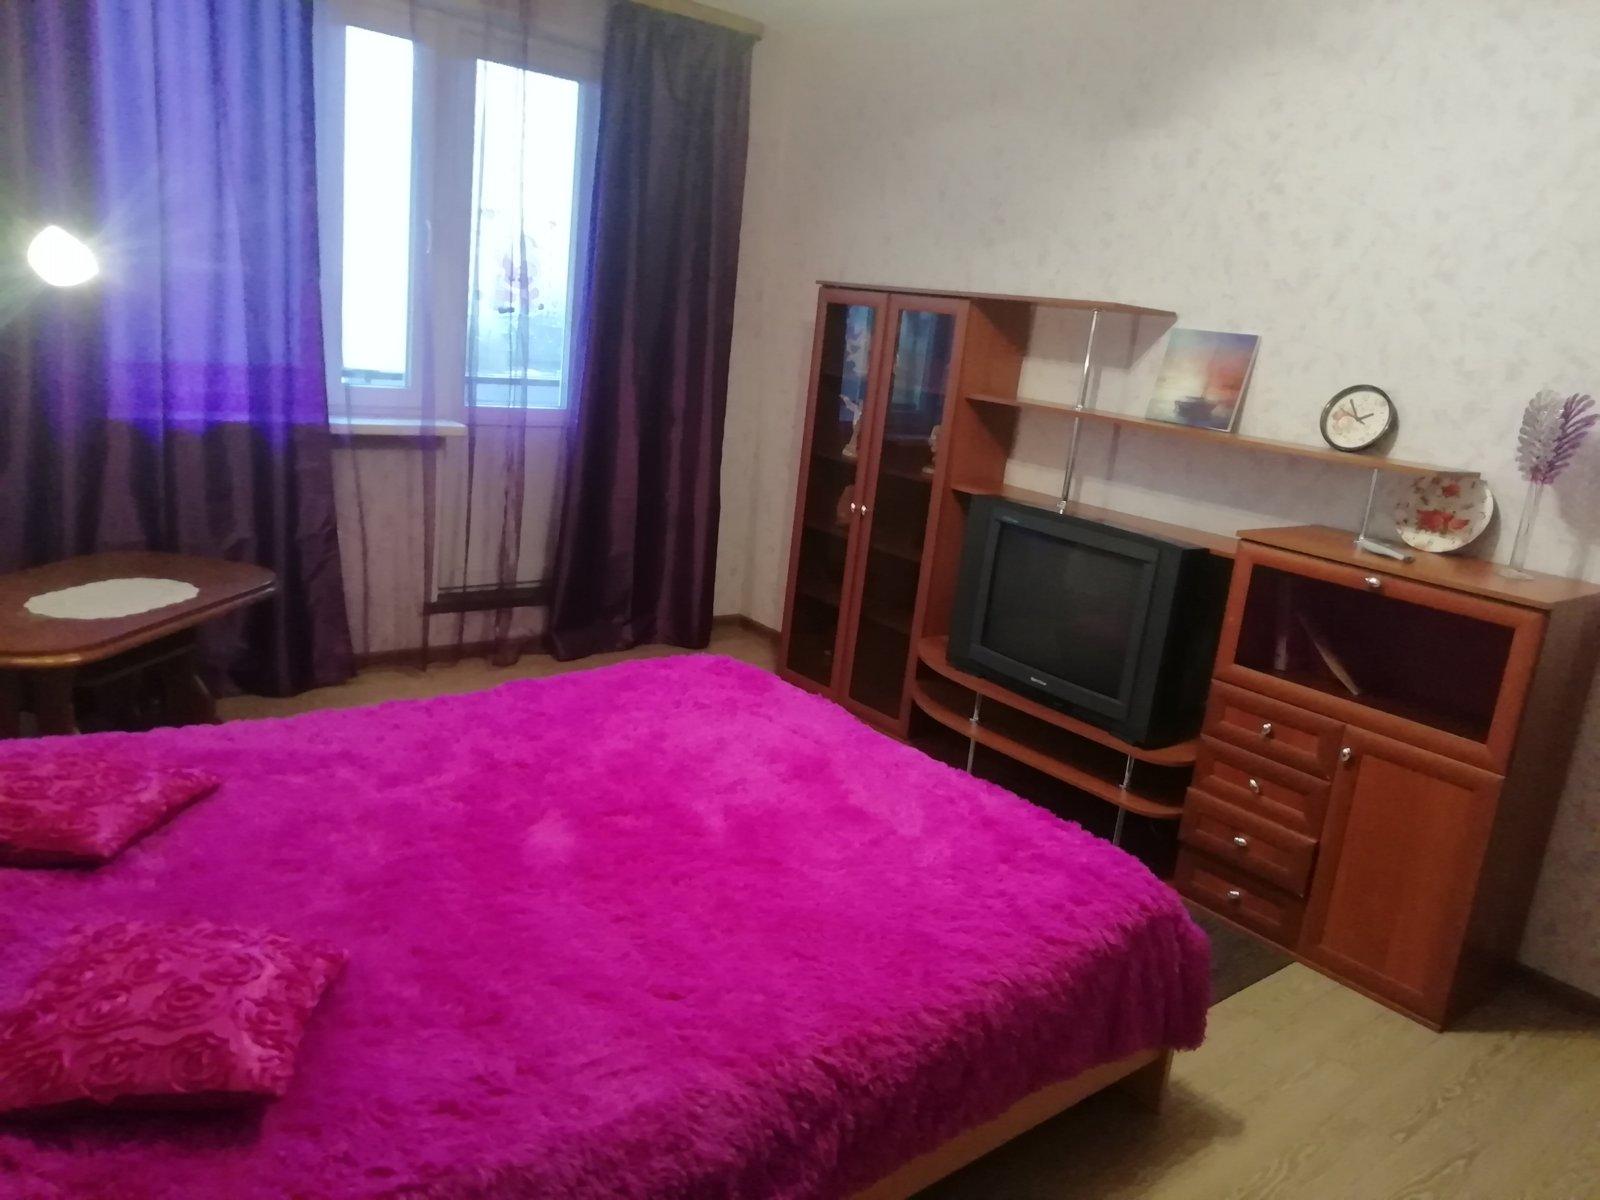 obychnaya-dvuhkomnatnaya-kvartira-03